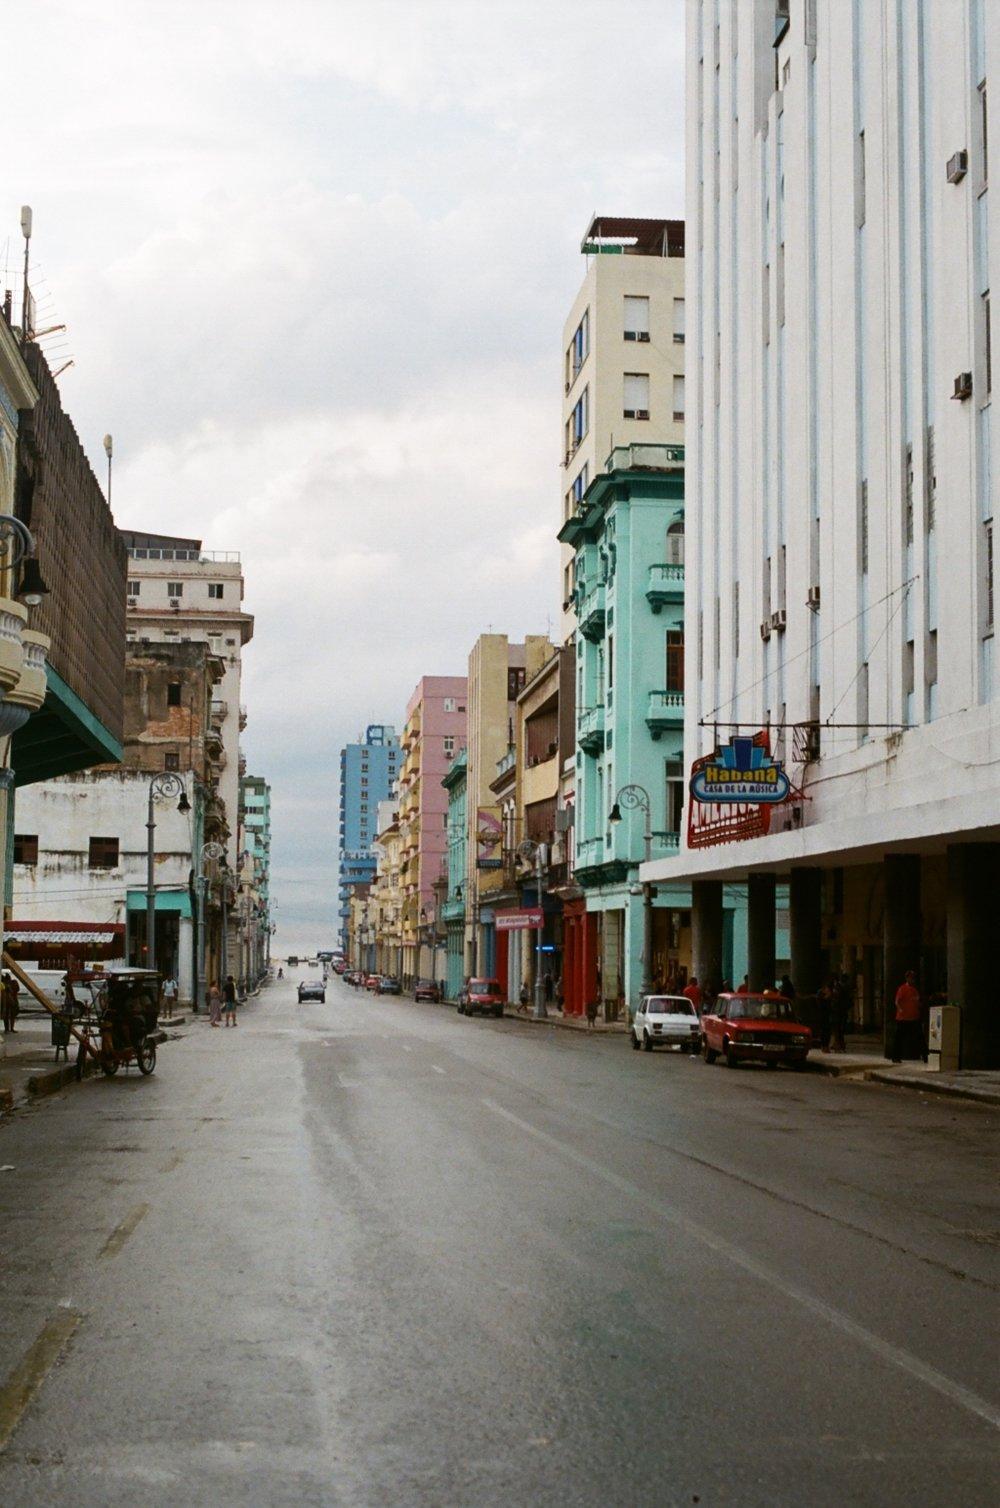 Havana, June 2017